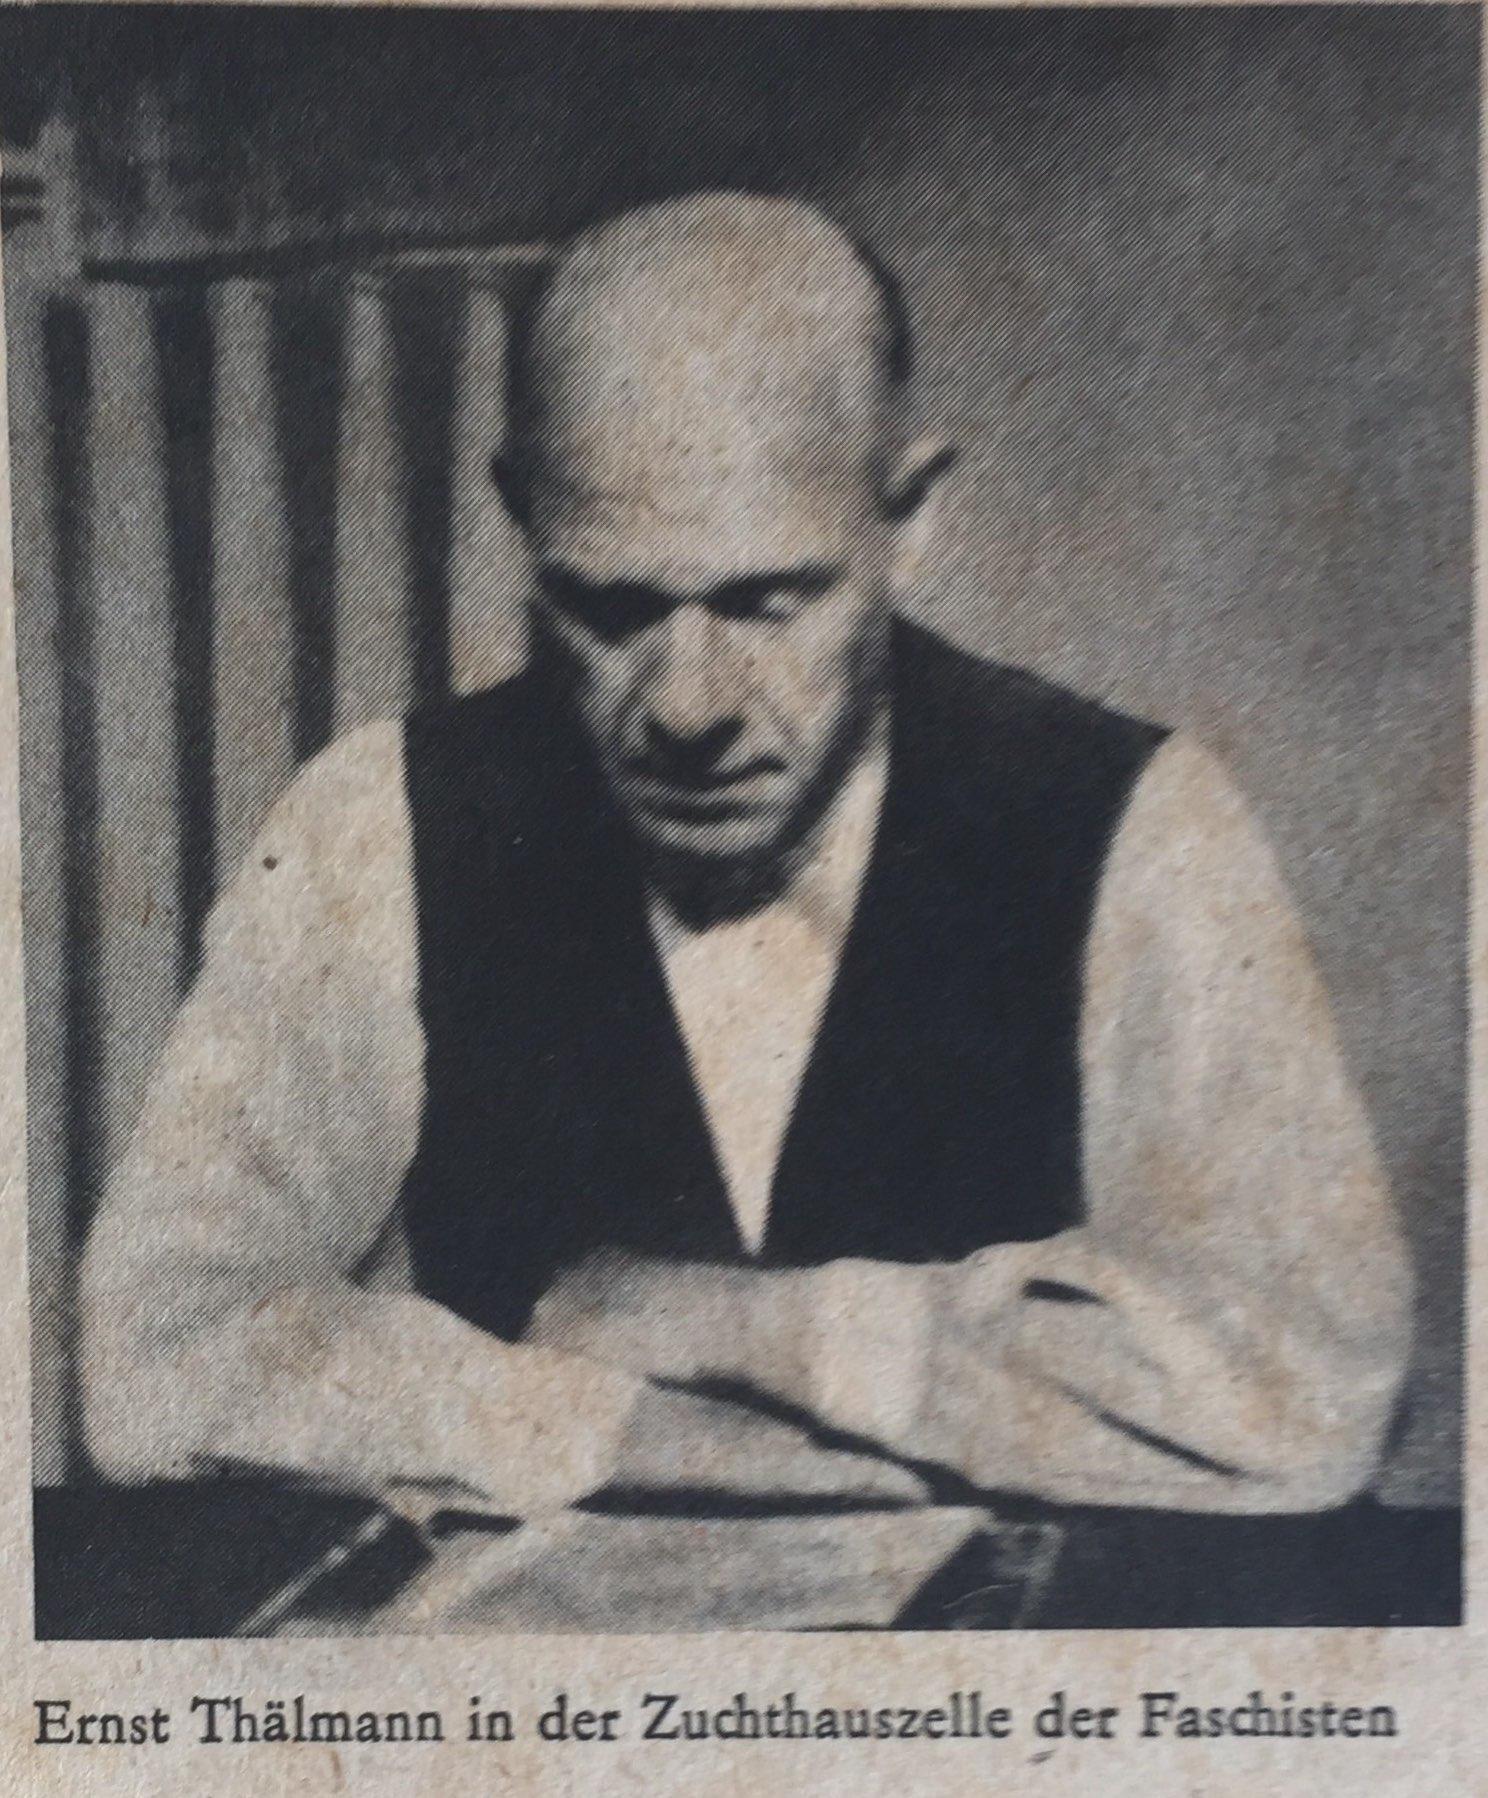 Ernst Thälmann in Zuchthaus der Faschisten